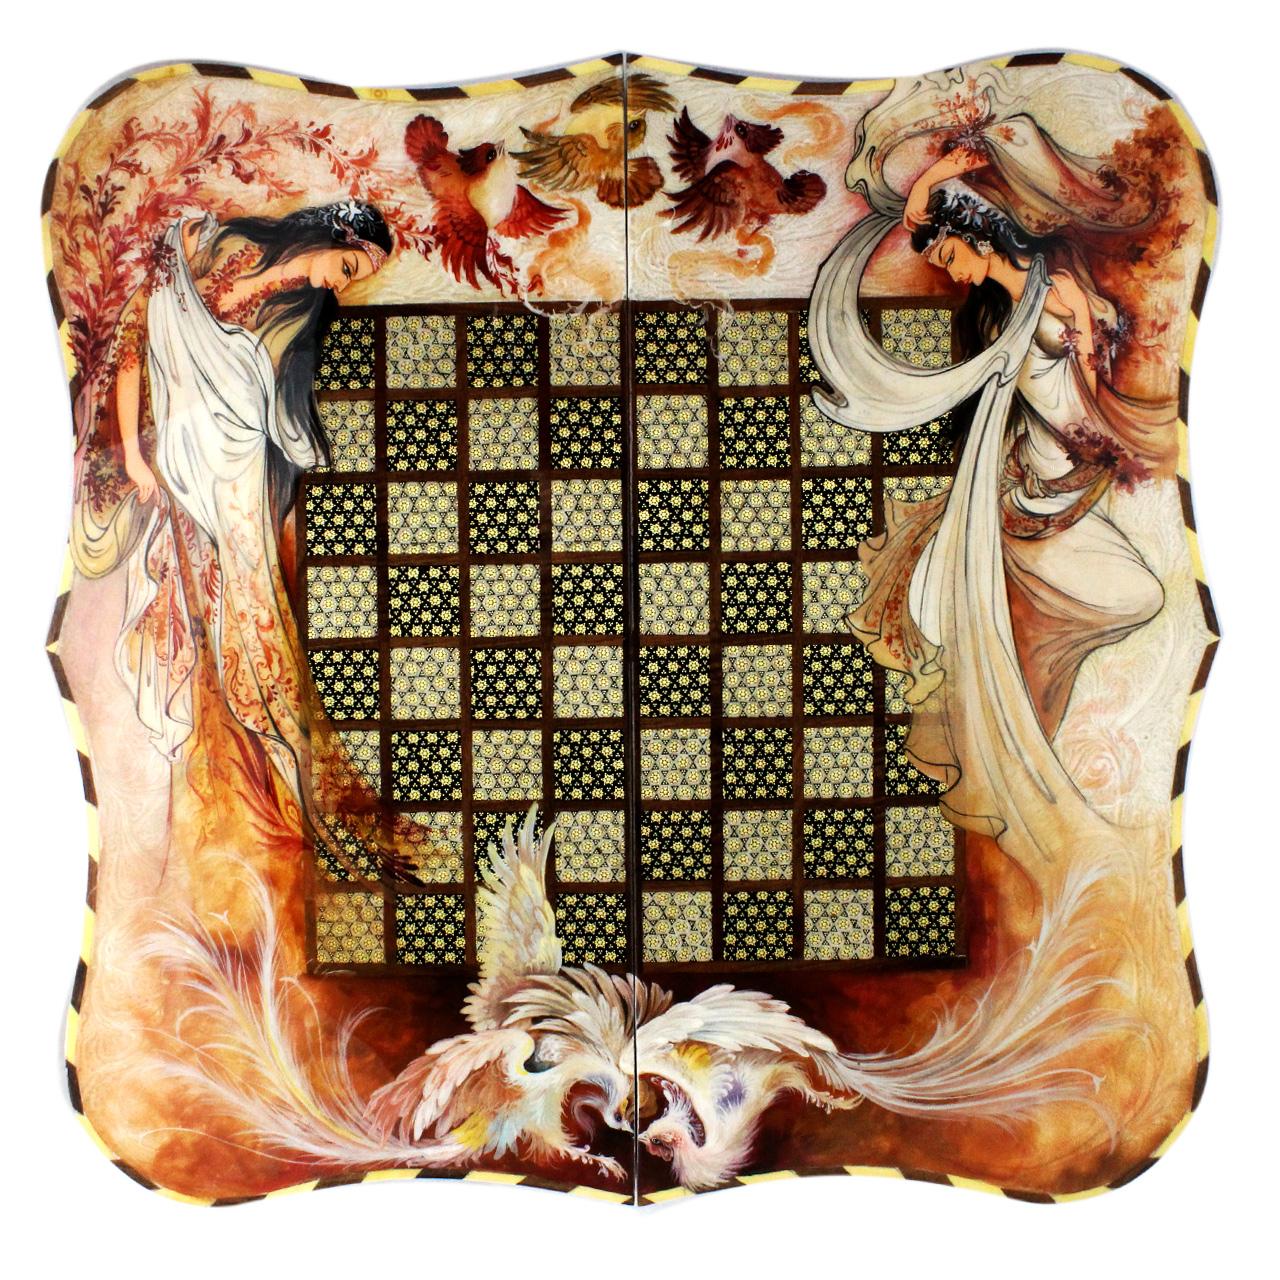 صفحه شطرنج خاتم کاری اثر اوستا مدل دالبور طرح مینیاتور اعلا سایز 50 سانتی